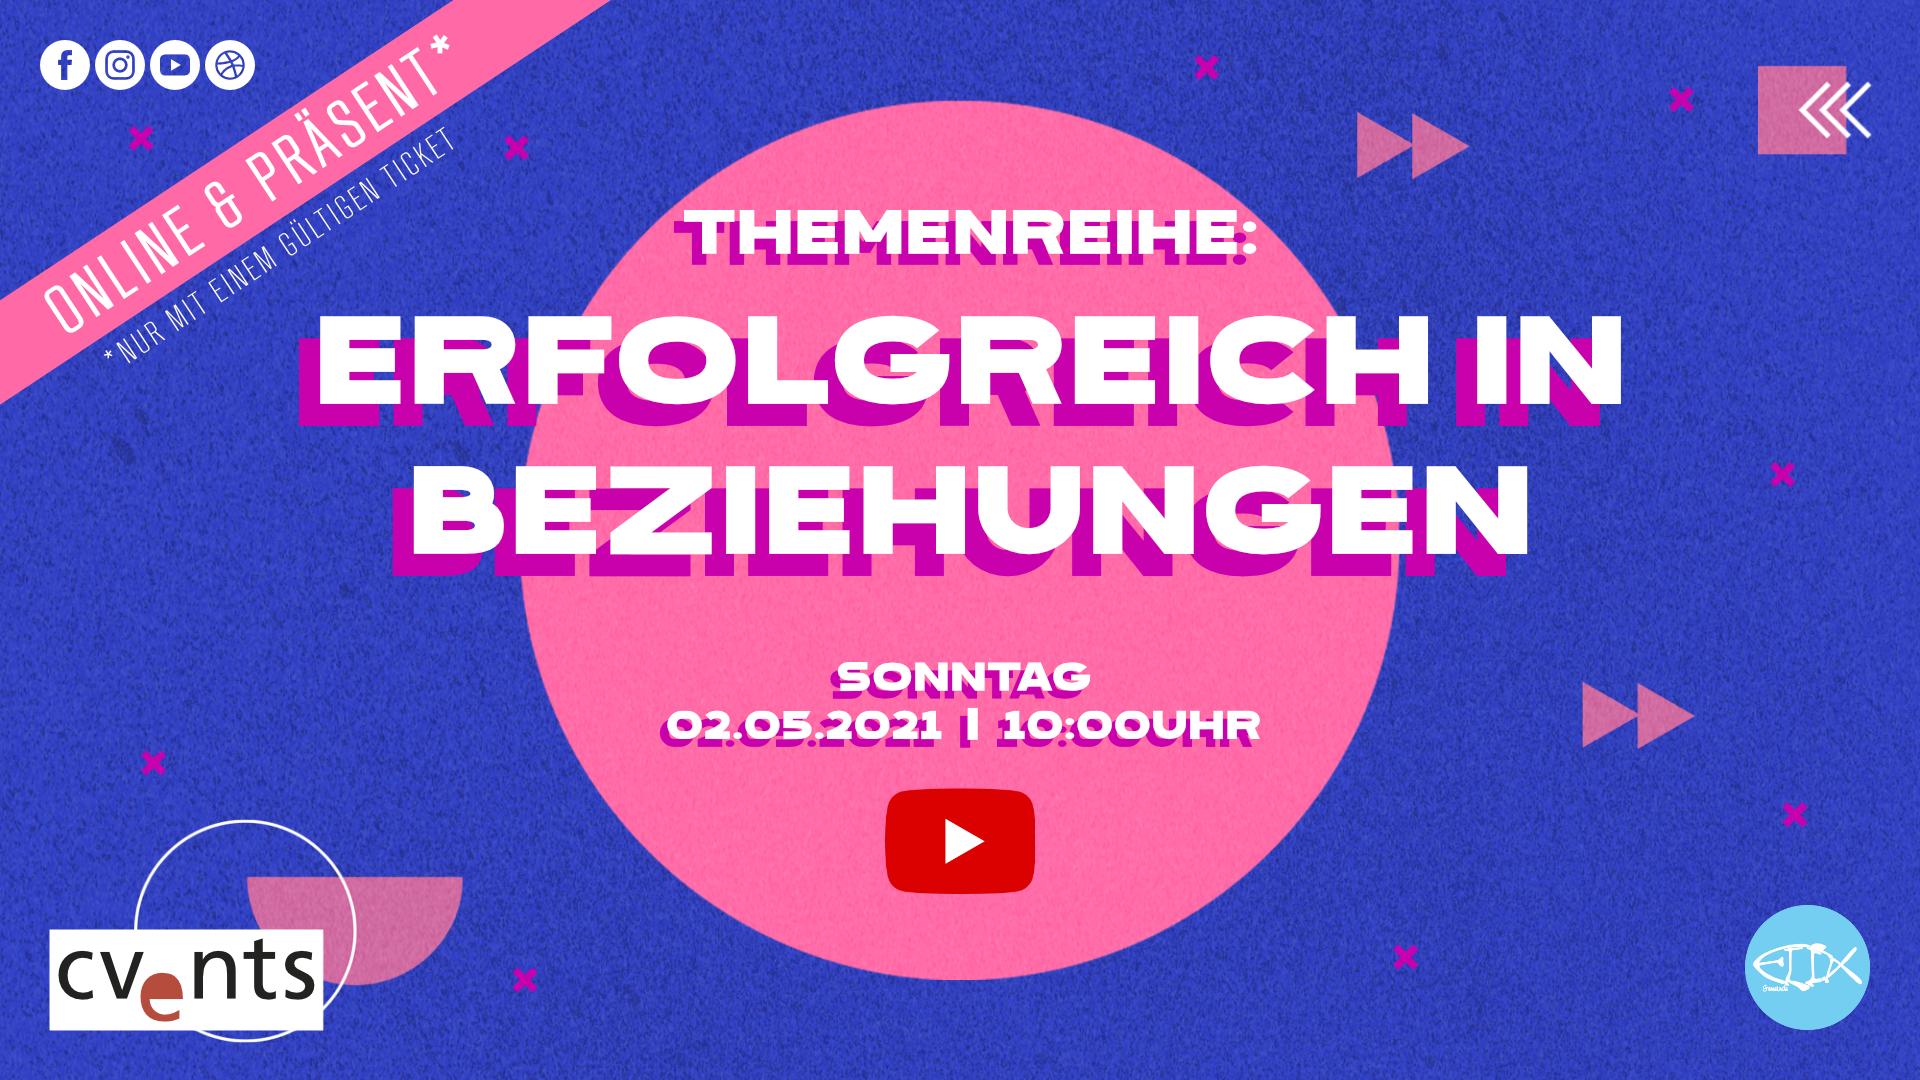 GOTTESDIENST | PRÄSENZ & ONLINE |SONNTAG | 02.05.2021 |10:00UHR